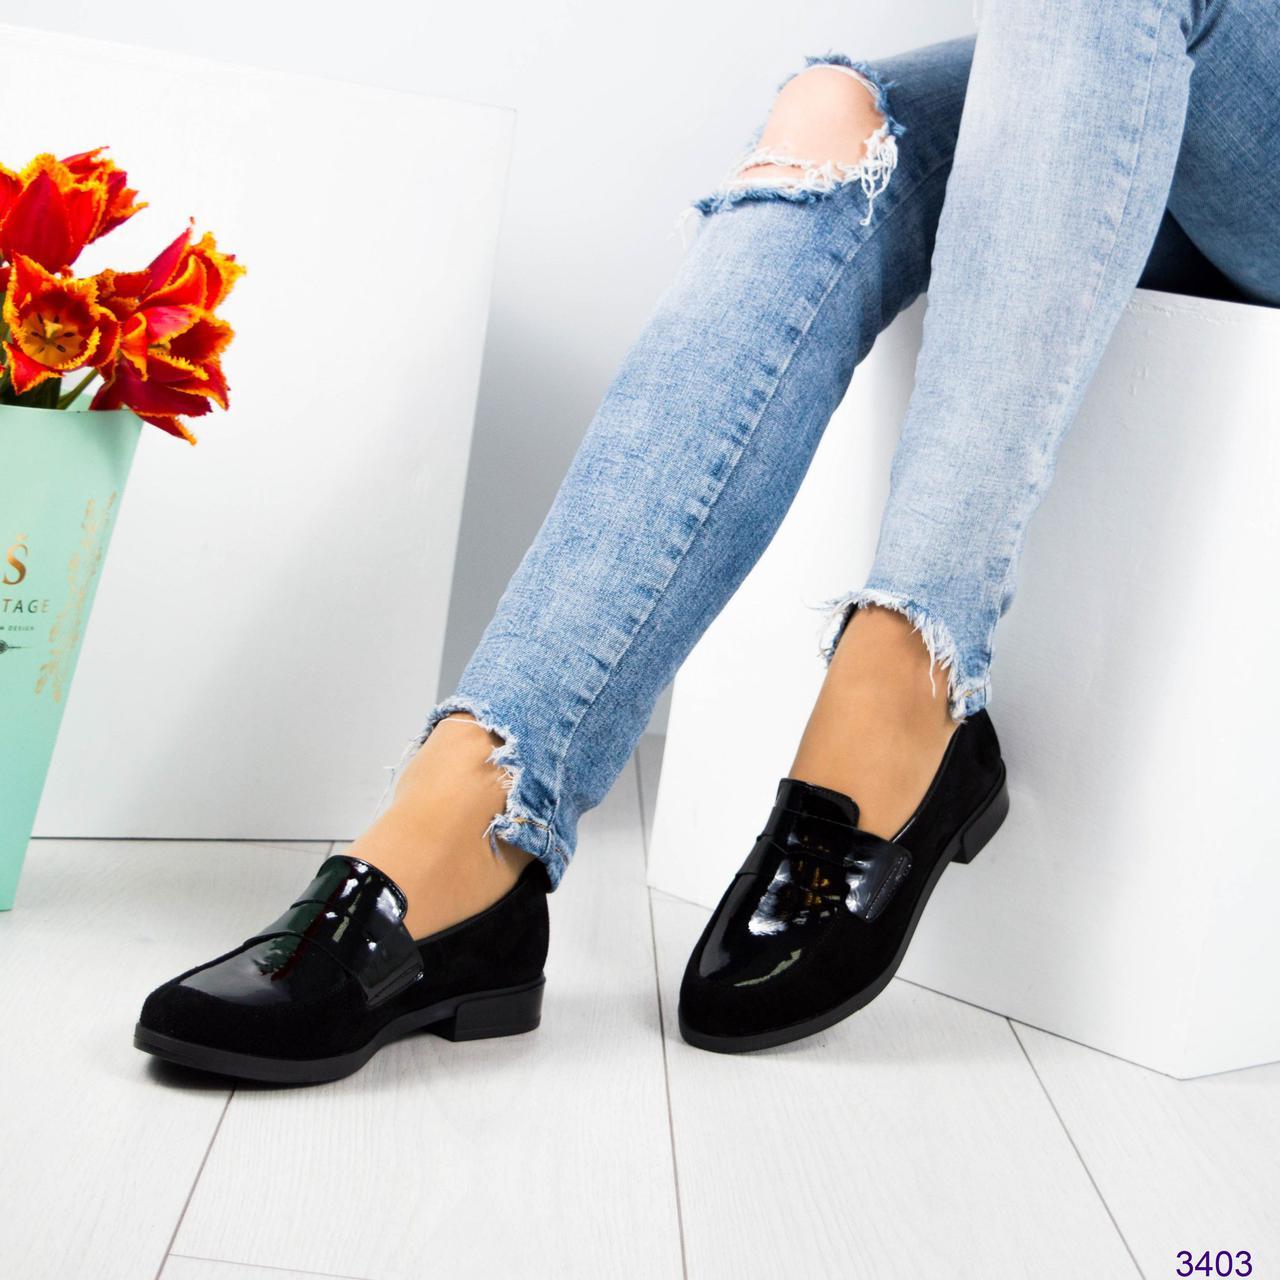 Стильные туфли лоферы. Цвет- черный. Размер 38